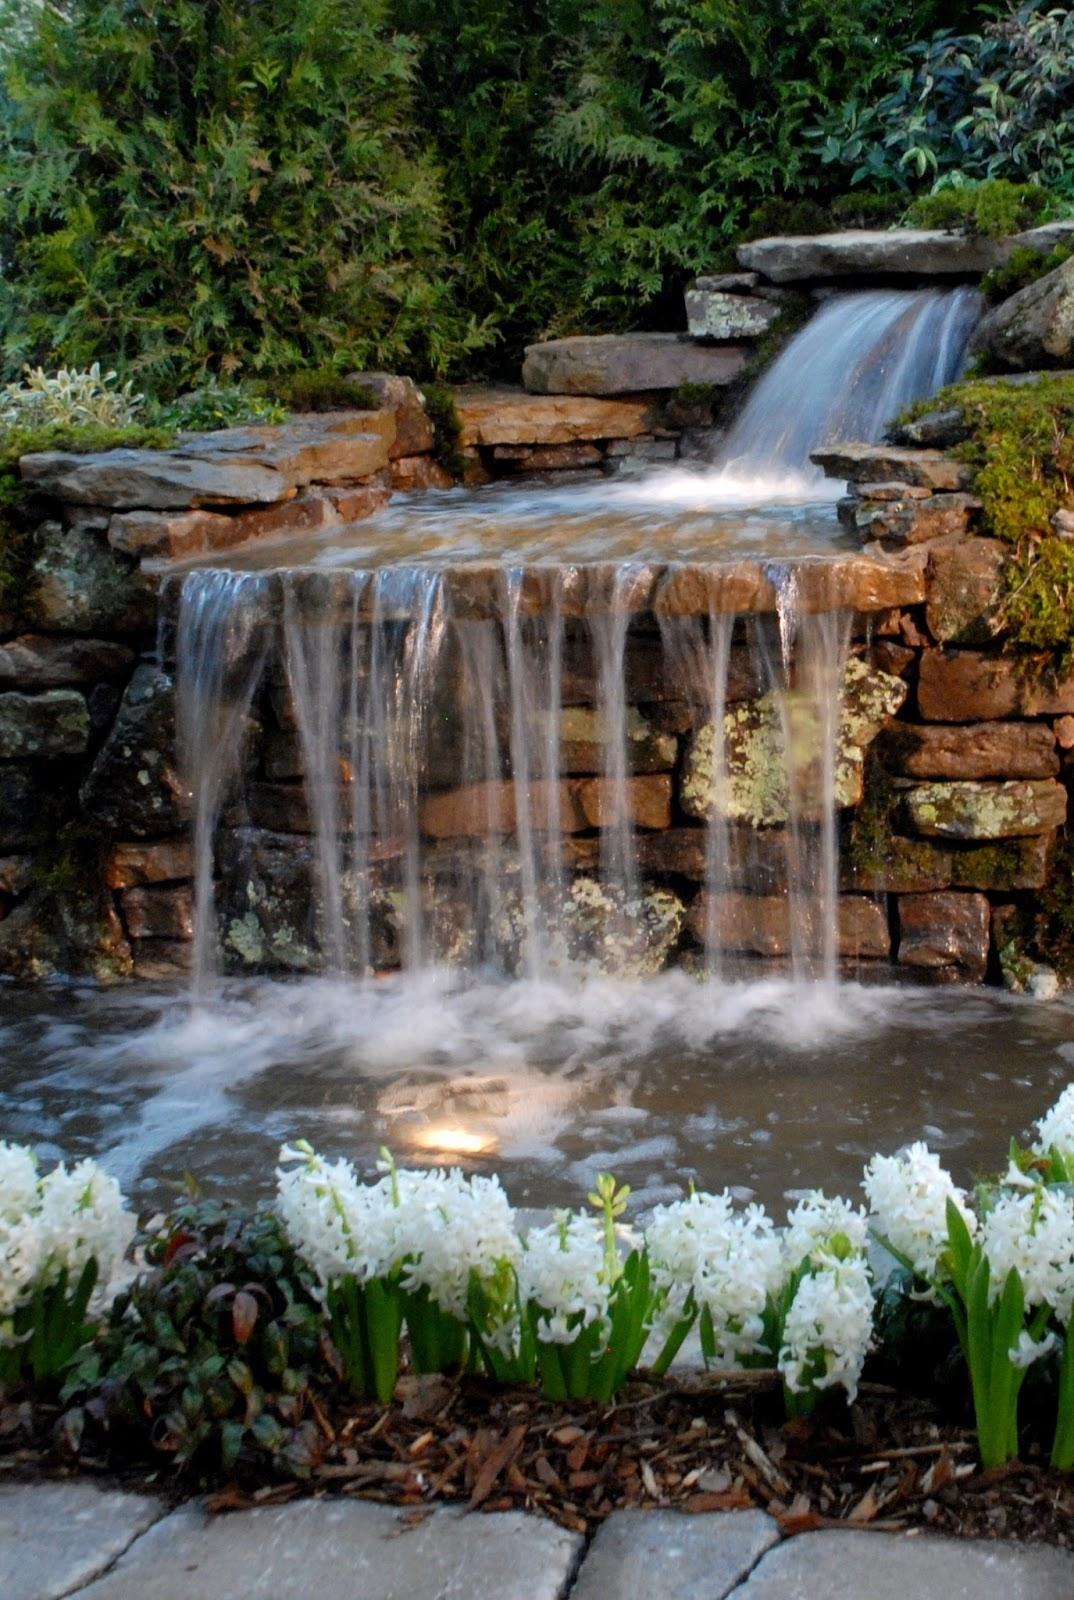 Arte y jardiner a jardin acu tico for Fuentes para jardines pequenos